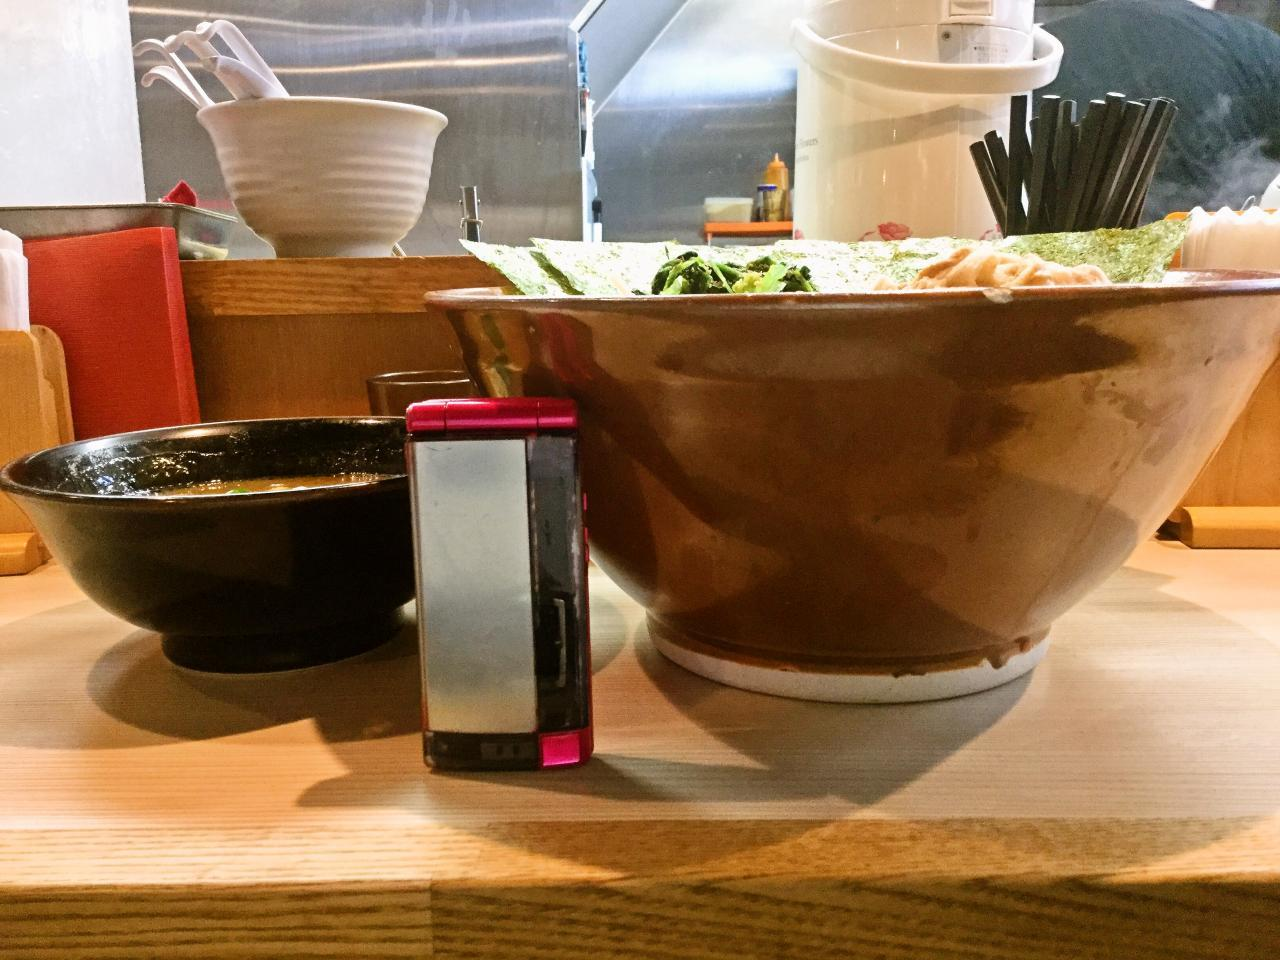 らー麺土俵 鶴嶺峰(濱の大横綱)